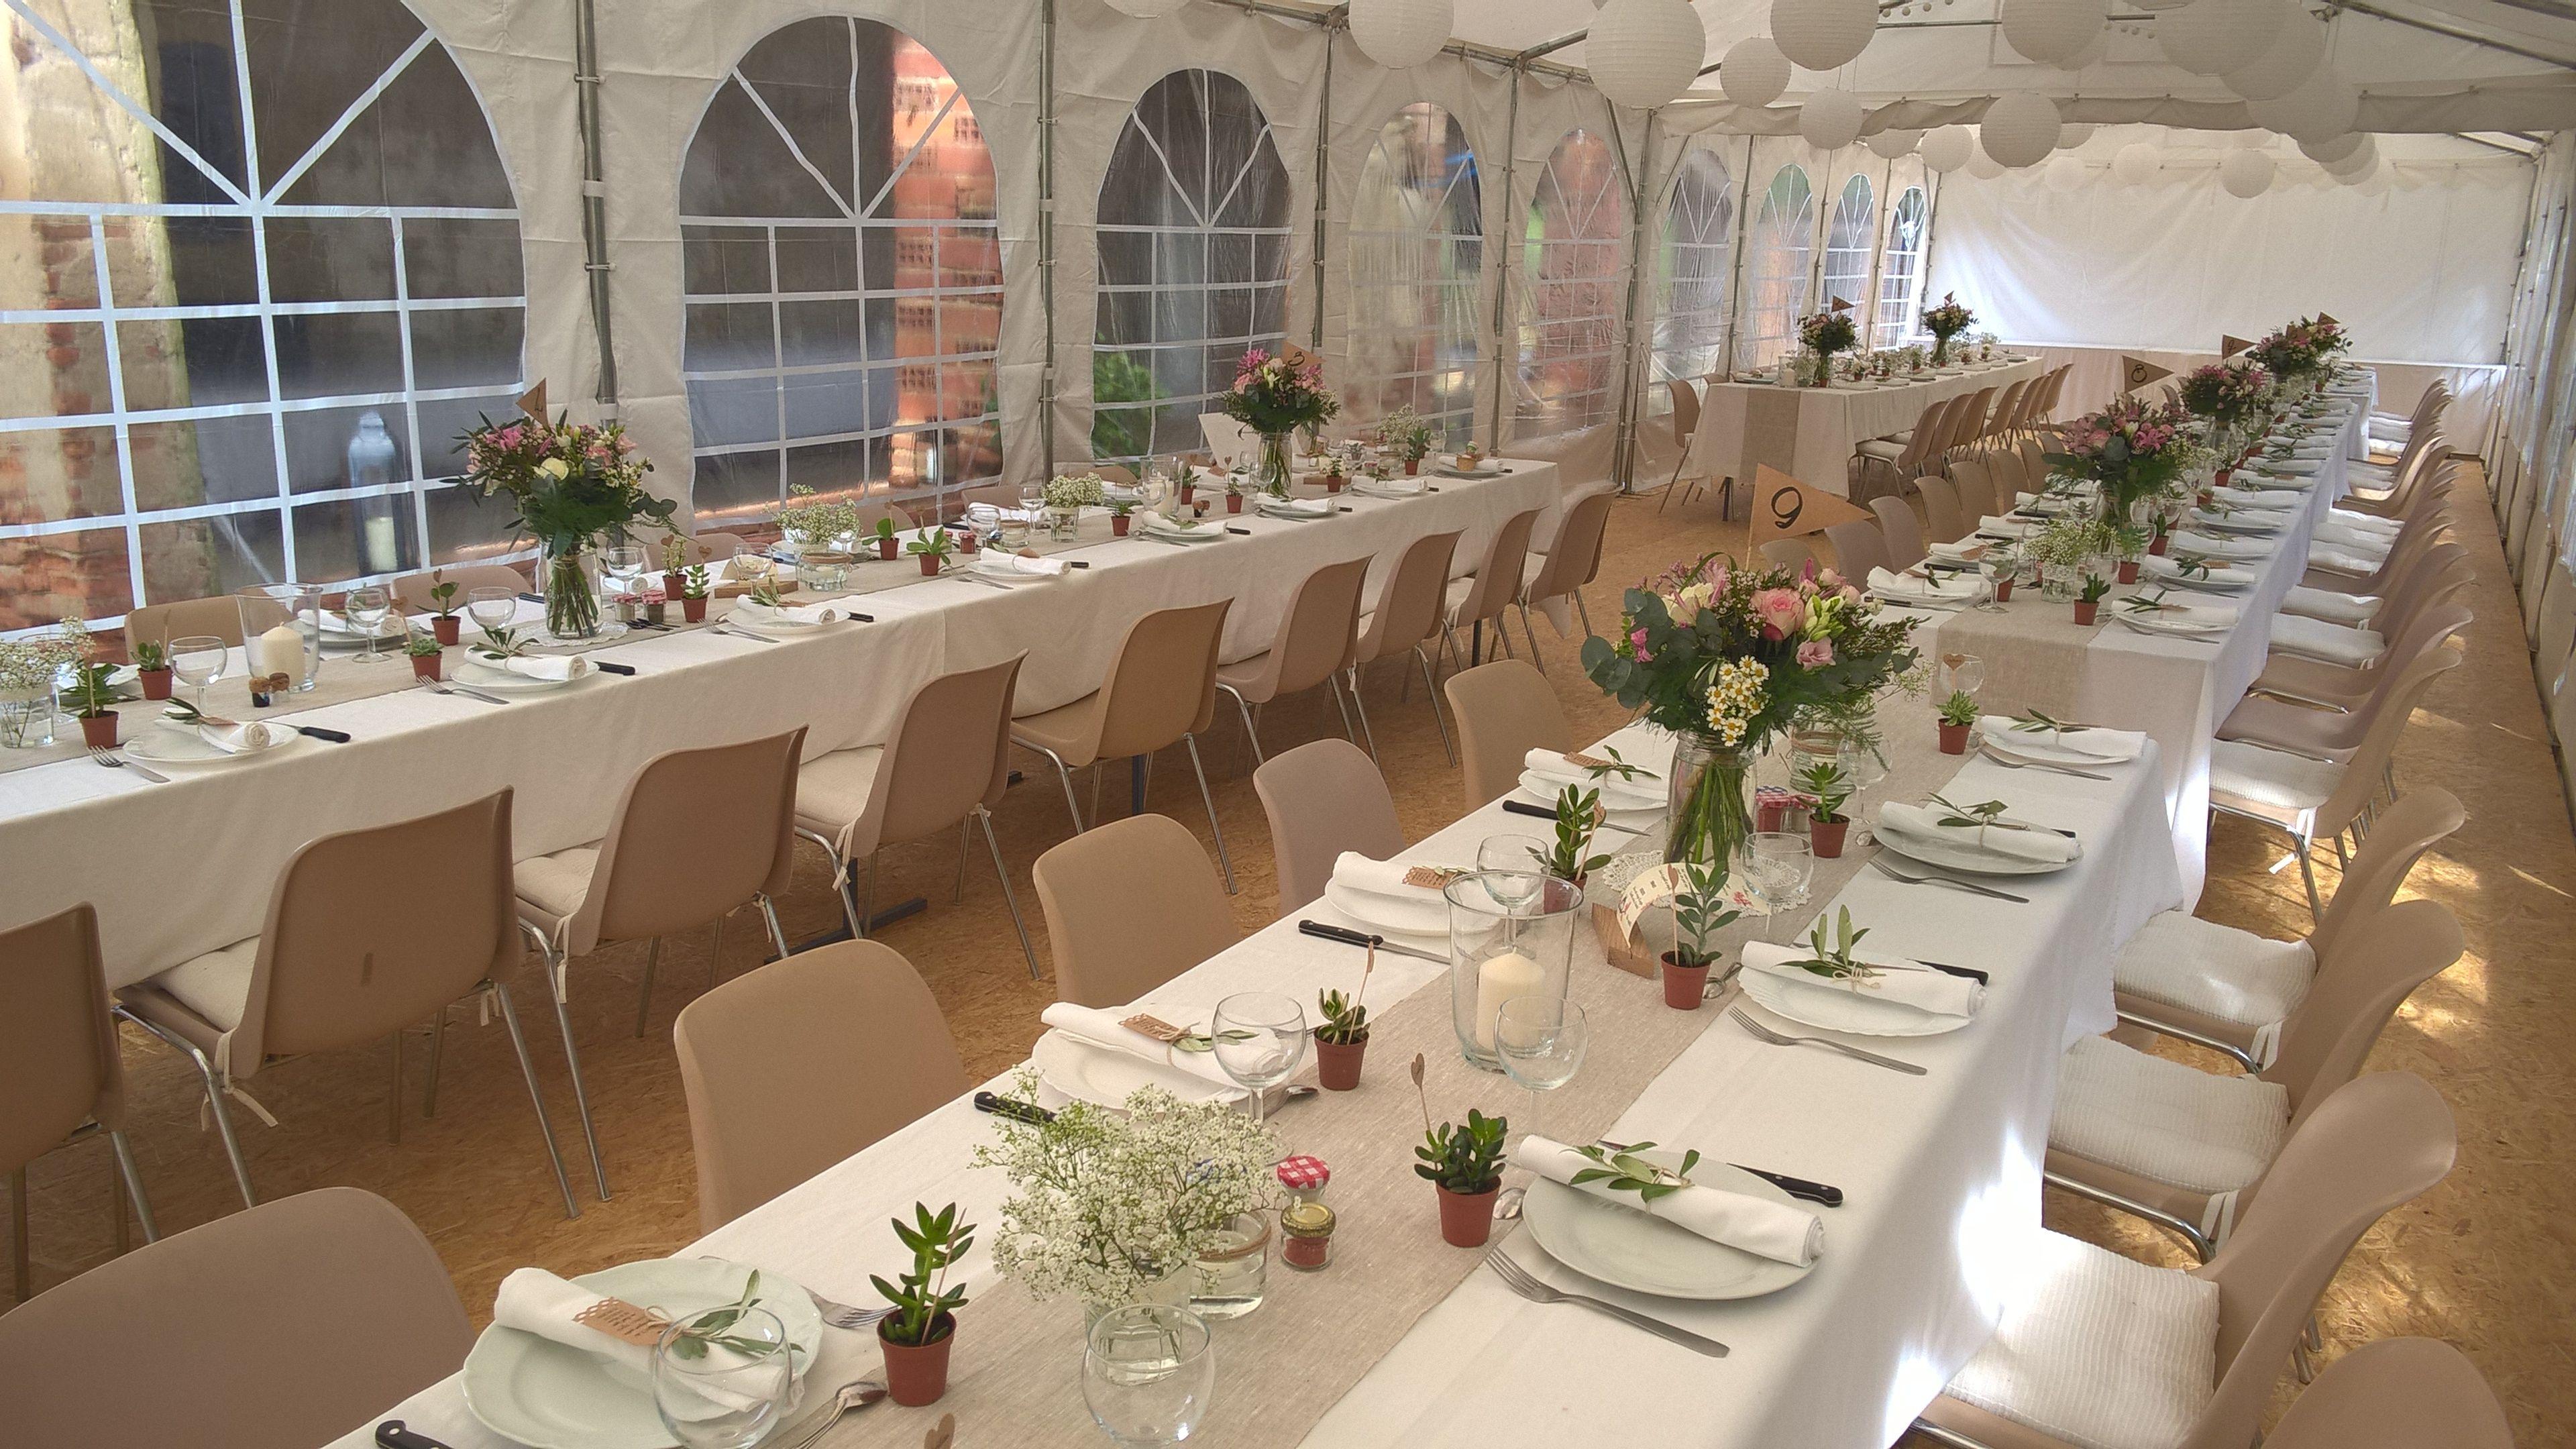 Déco de table (simple et fait maison) pour un mariage